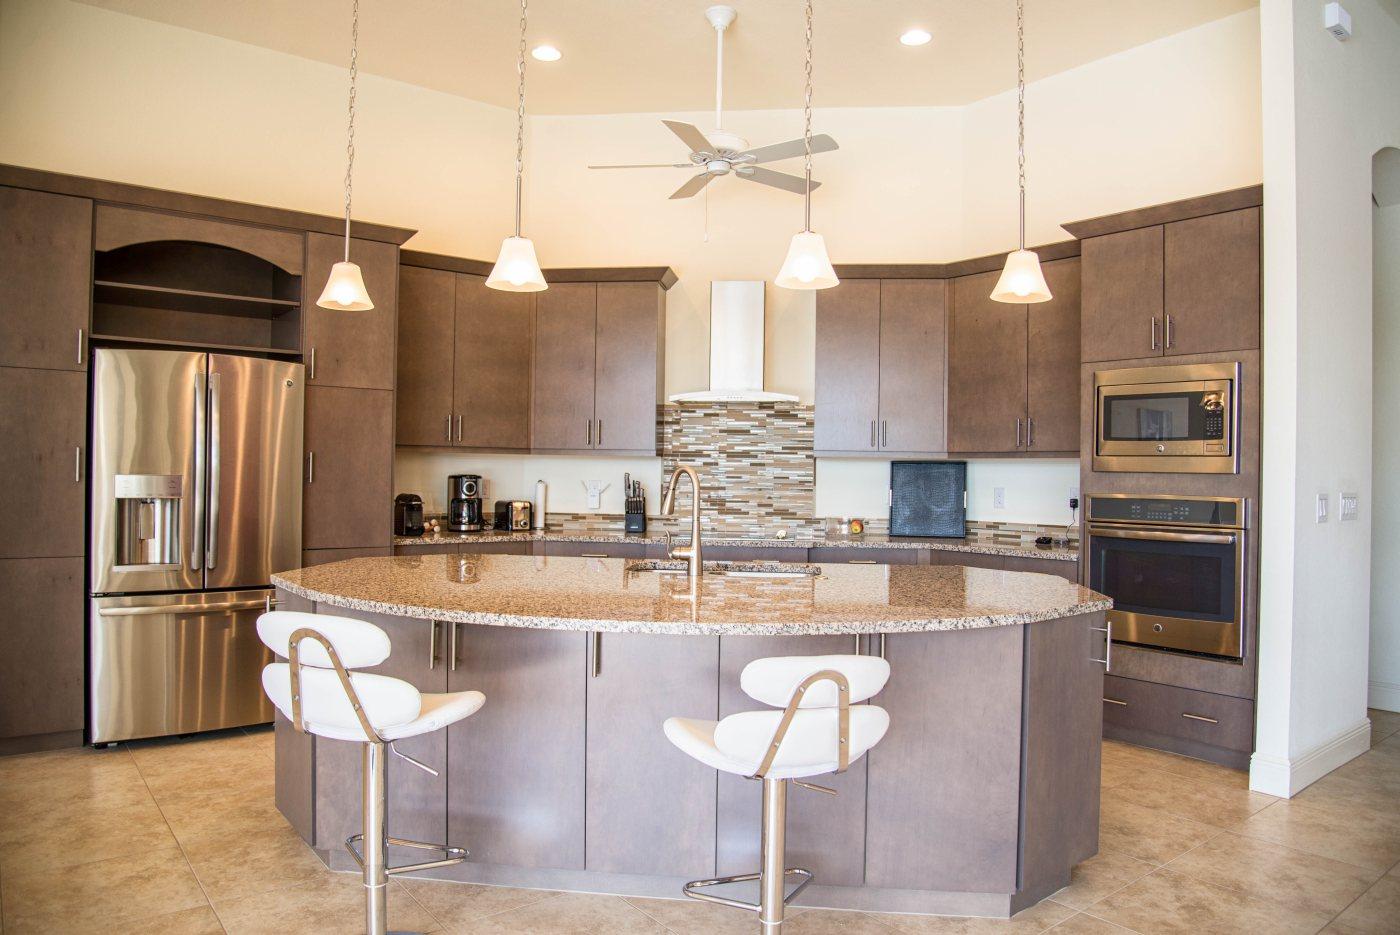 Kitchen in Florida